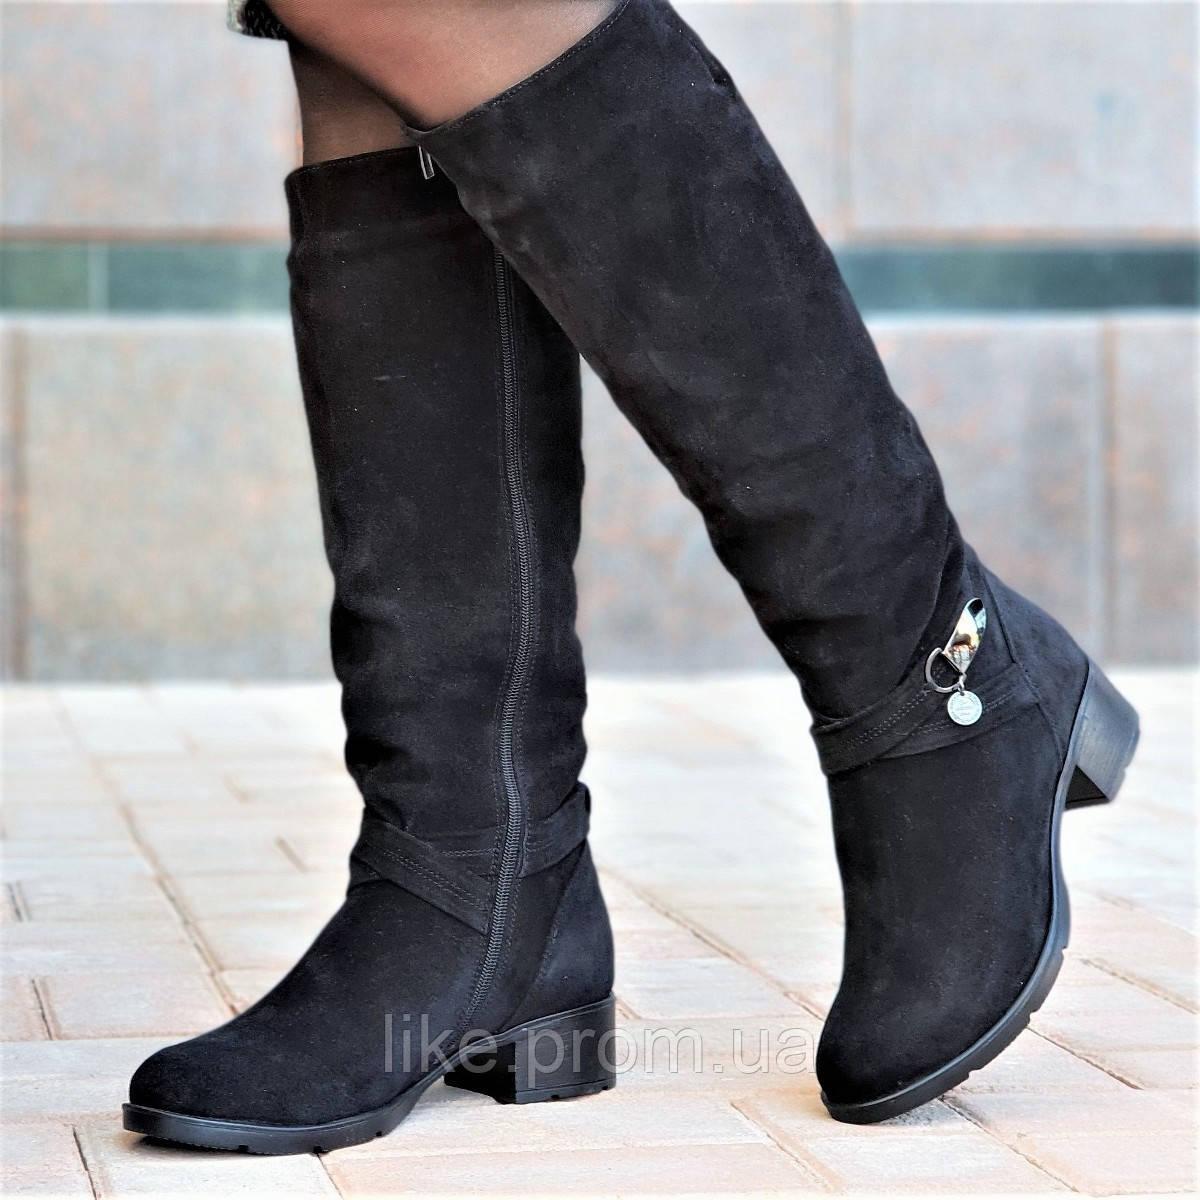 9591592c8 Женские зимние сапоги элегантные натуральная замша черные полушерсть  удобные стильные (Код: 1248а) -